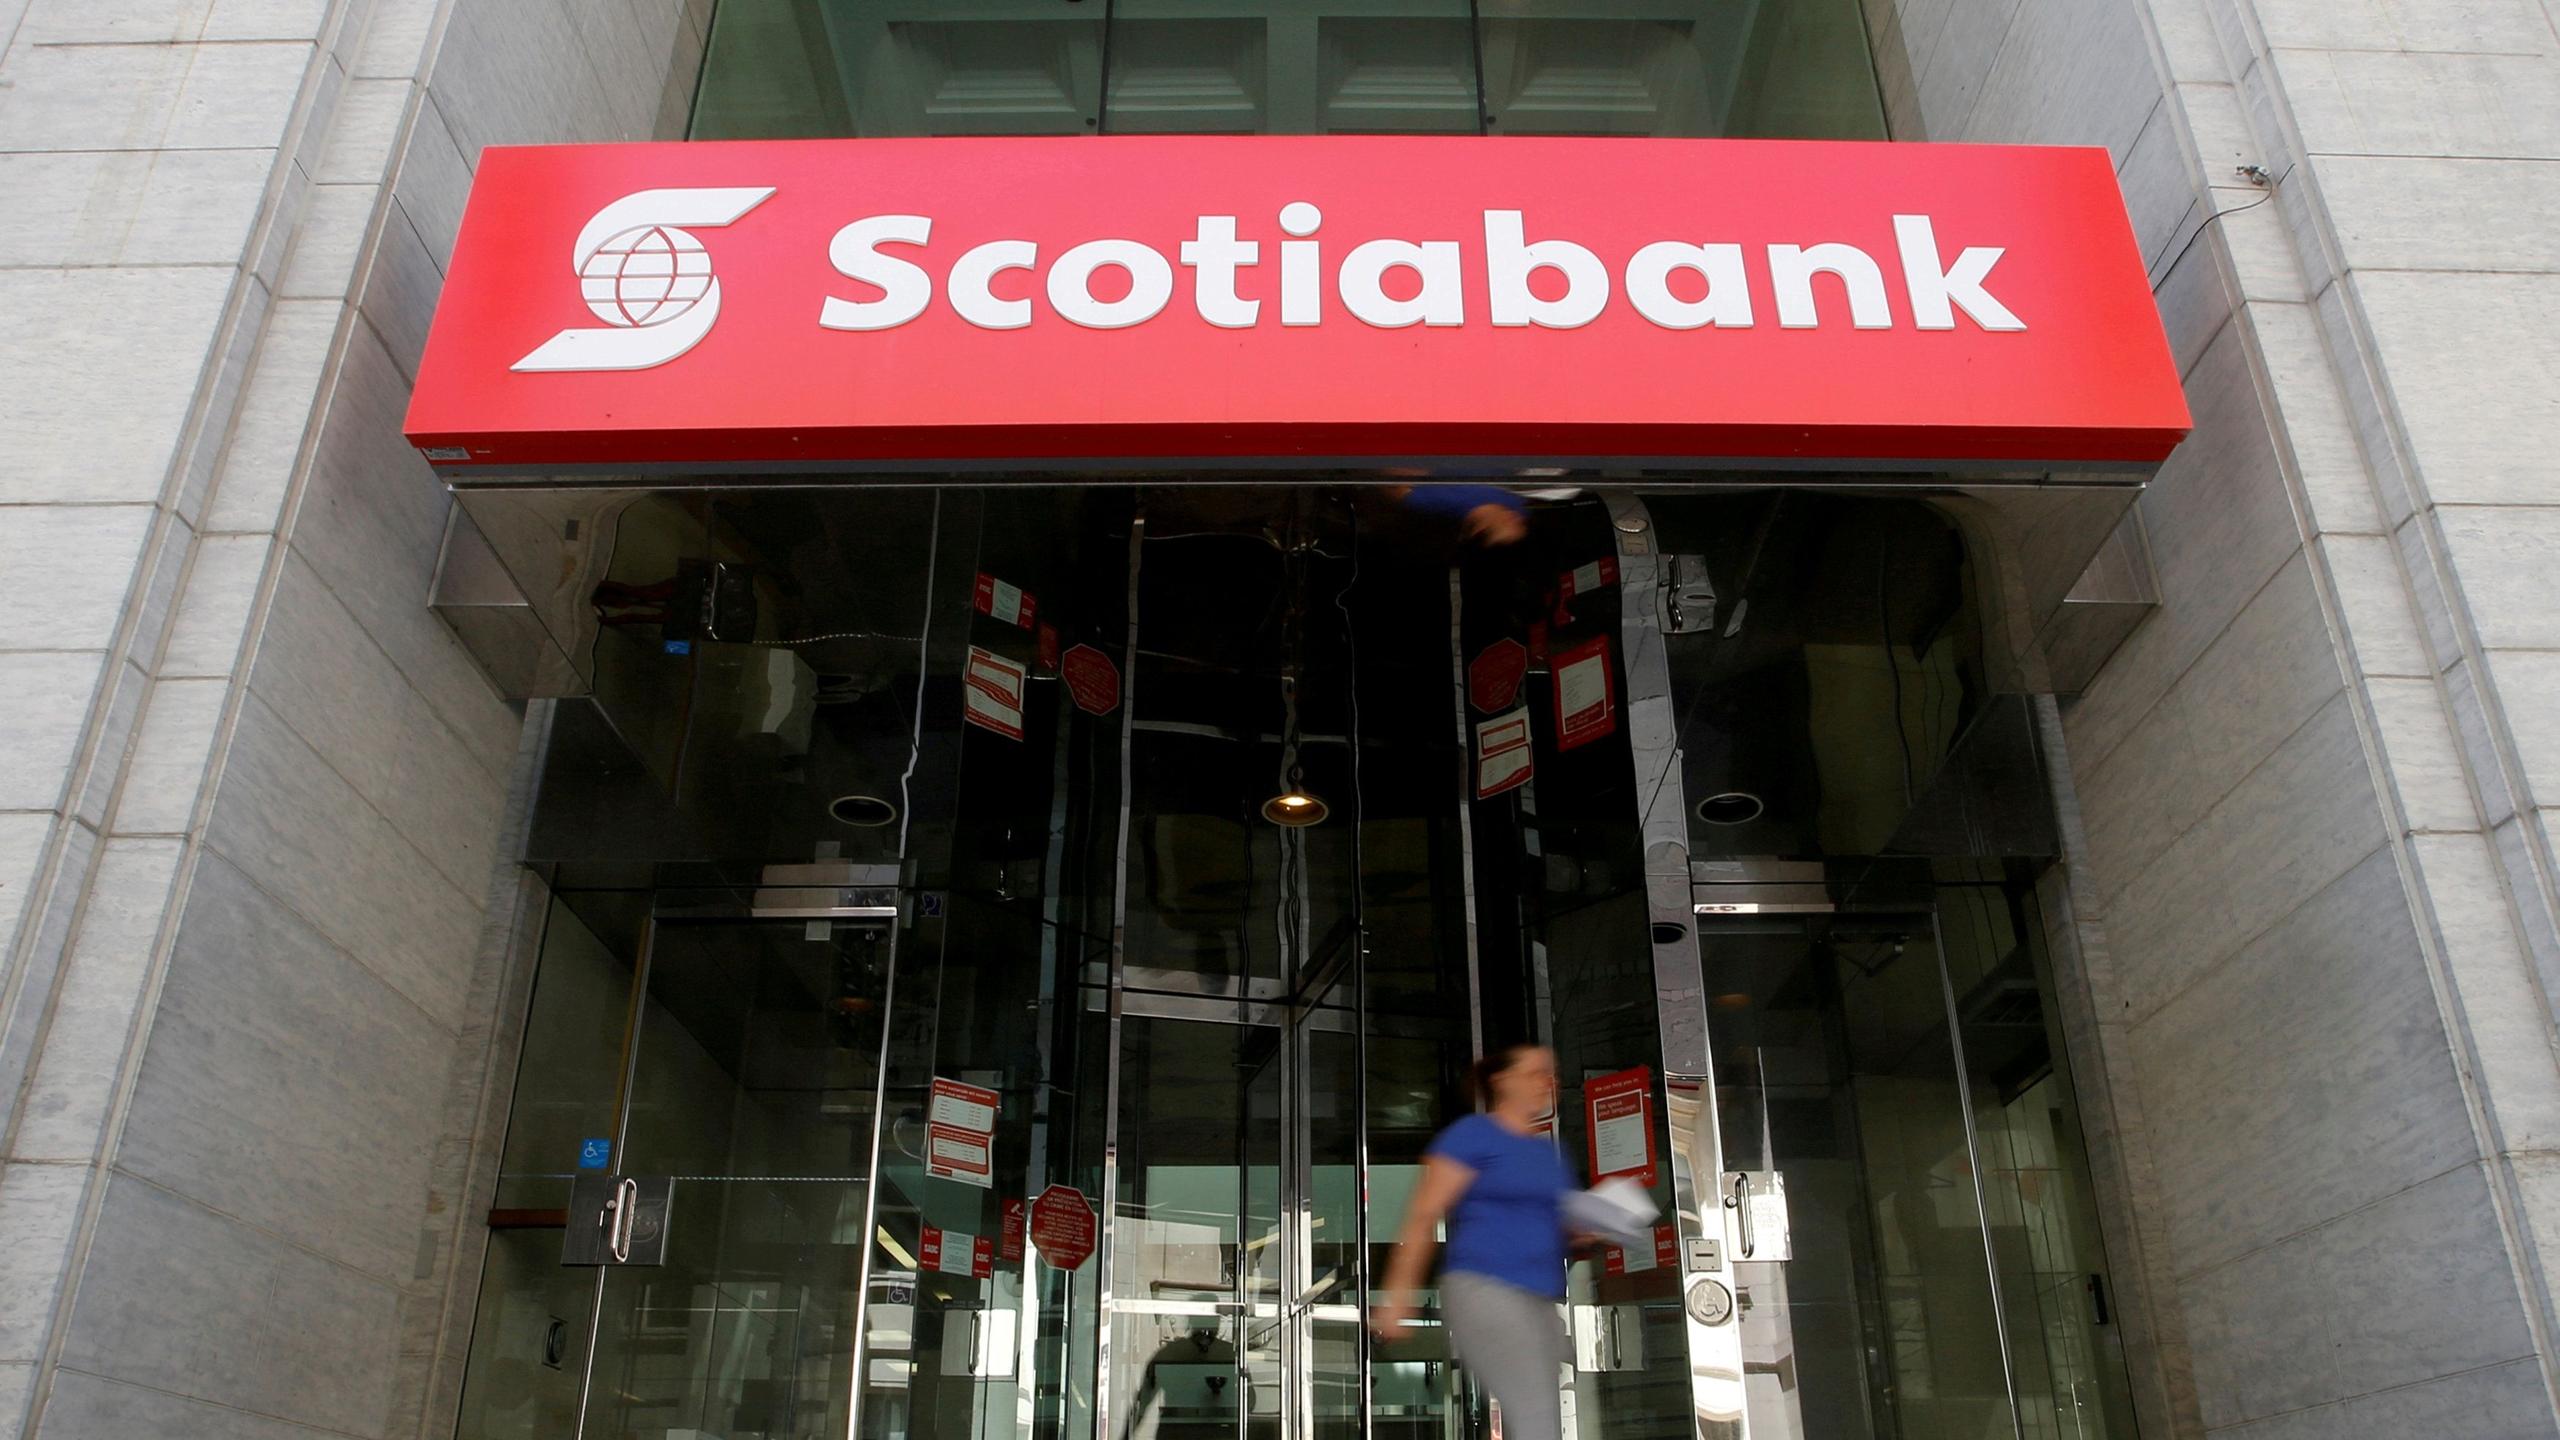 ¿Fuiste afectado por los cortes en Scotiabank? Puedes presentar tu queja